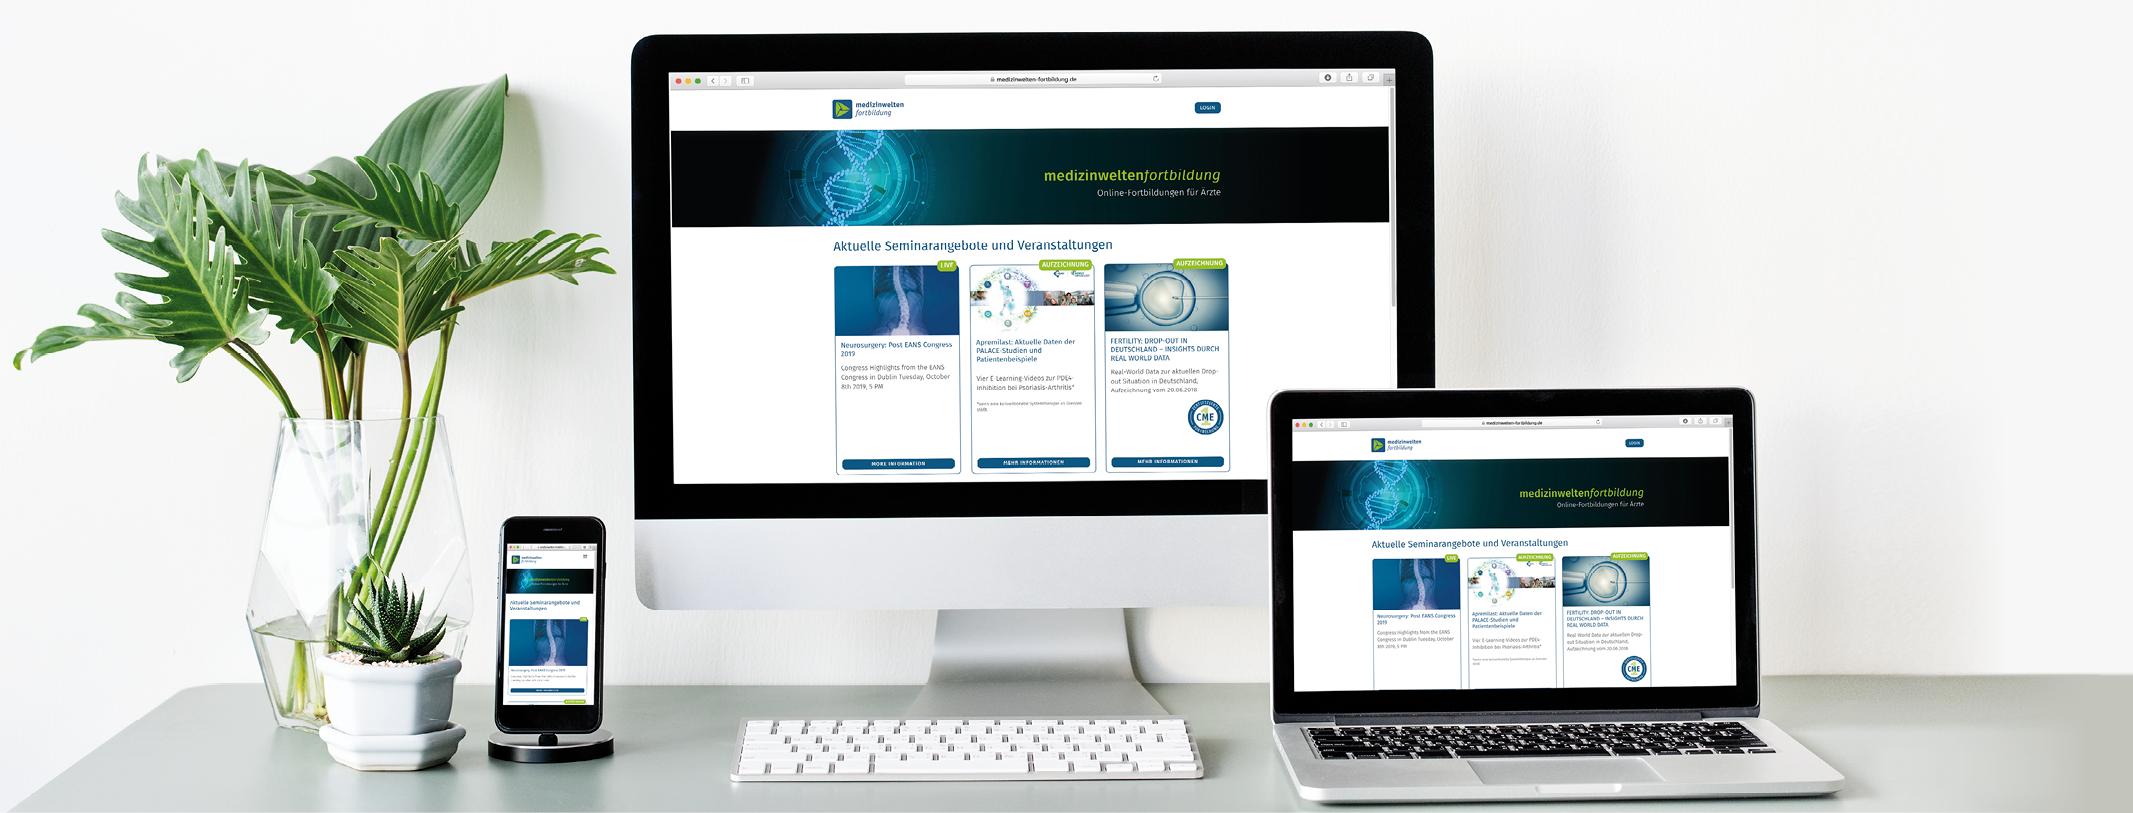 medizinwelten-services – Konzepte – medizinwelten-fortbildung